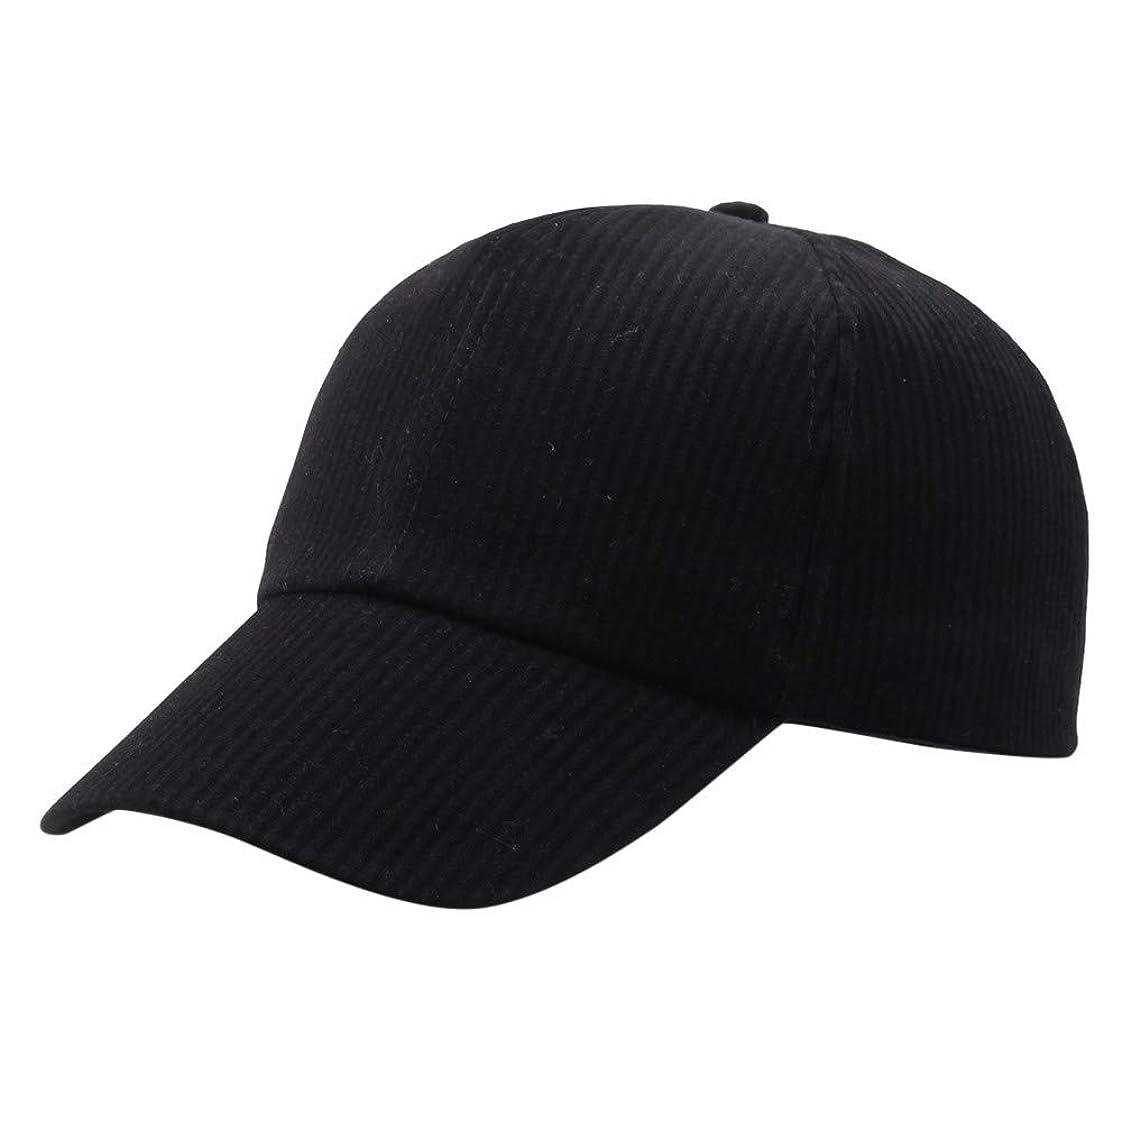 避難するナプキン中でRacazing Cap コーデュロイ 野球帽 迷彩 夏 登山 通気性のある メッシュ 帽子 ベルクロ 可調整可能 ストライプ 刺繍 棒球帽 UV 帽子 軽量 屋外 Unisex Hat (B)